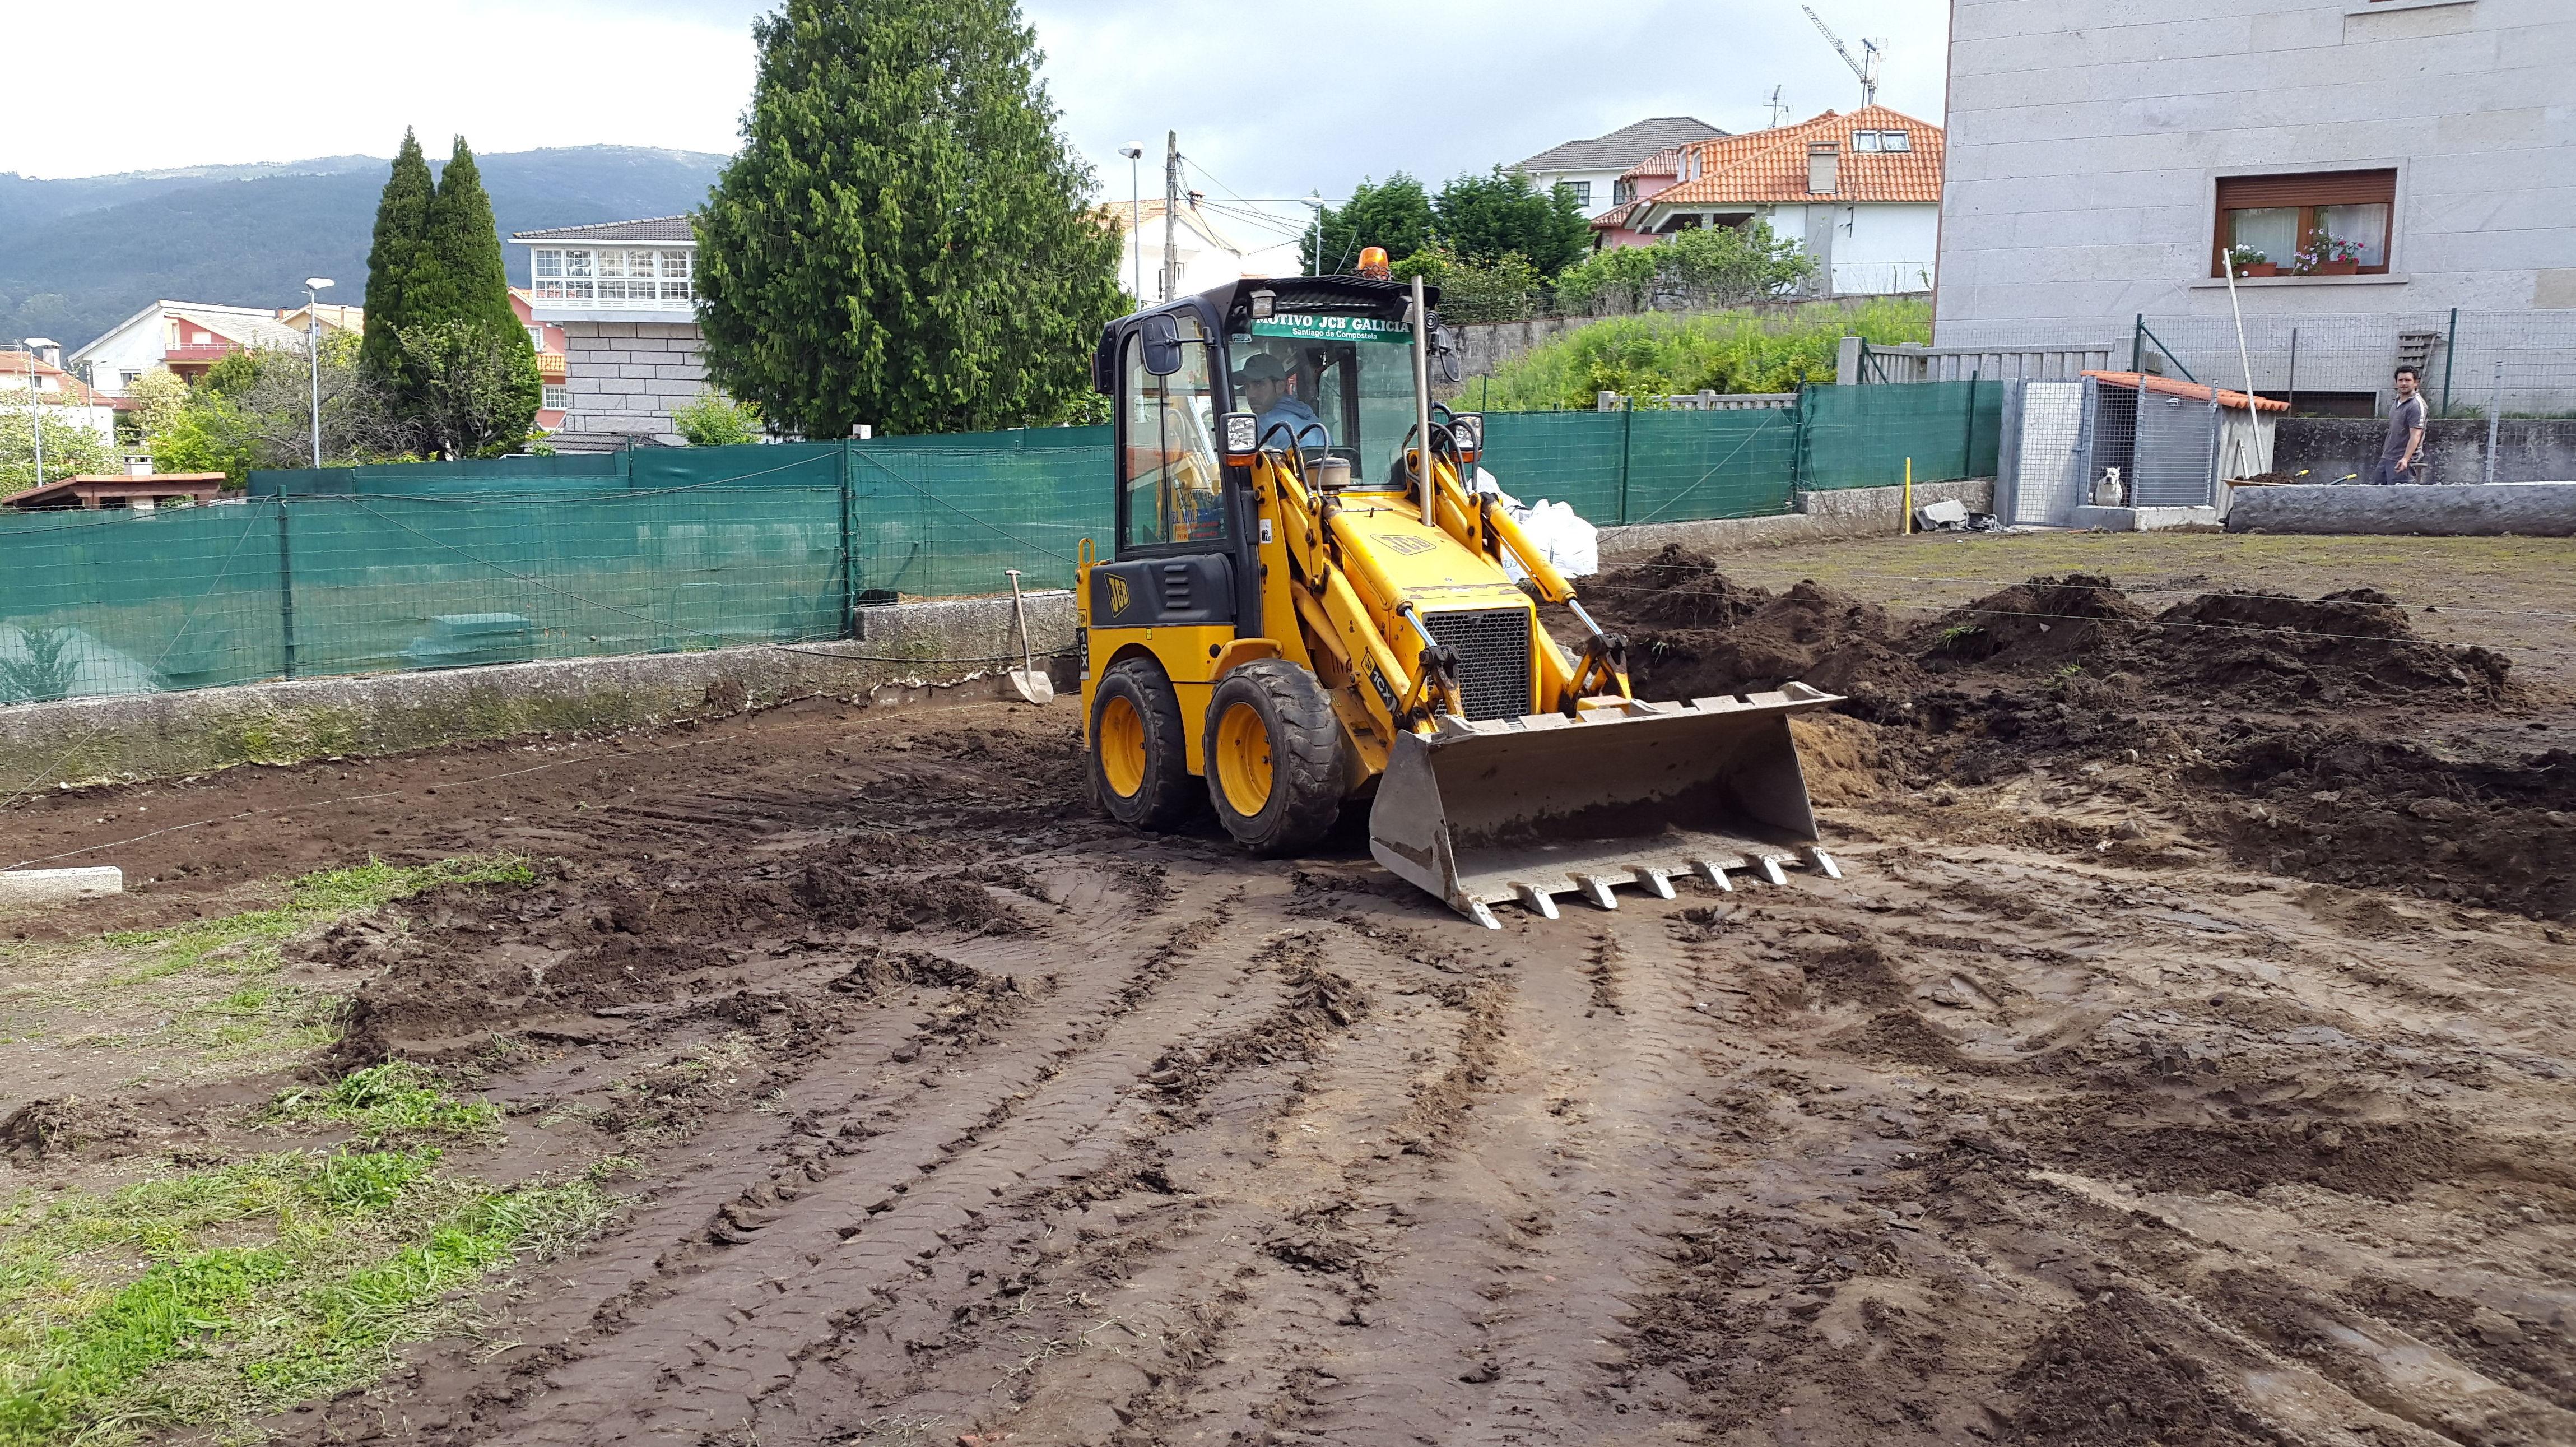 mini cargadora jcb 1cx: nuestras maquinas de Excavaciones El Molino, S.L.